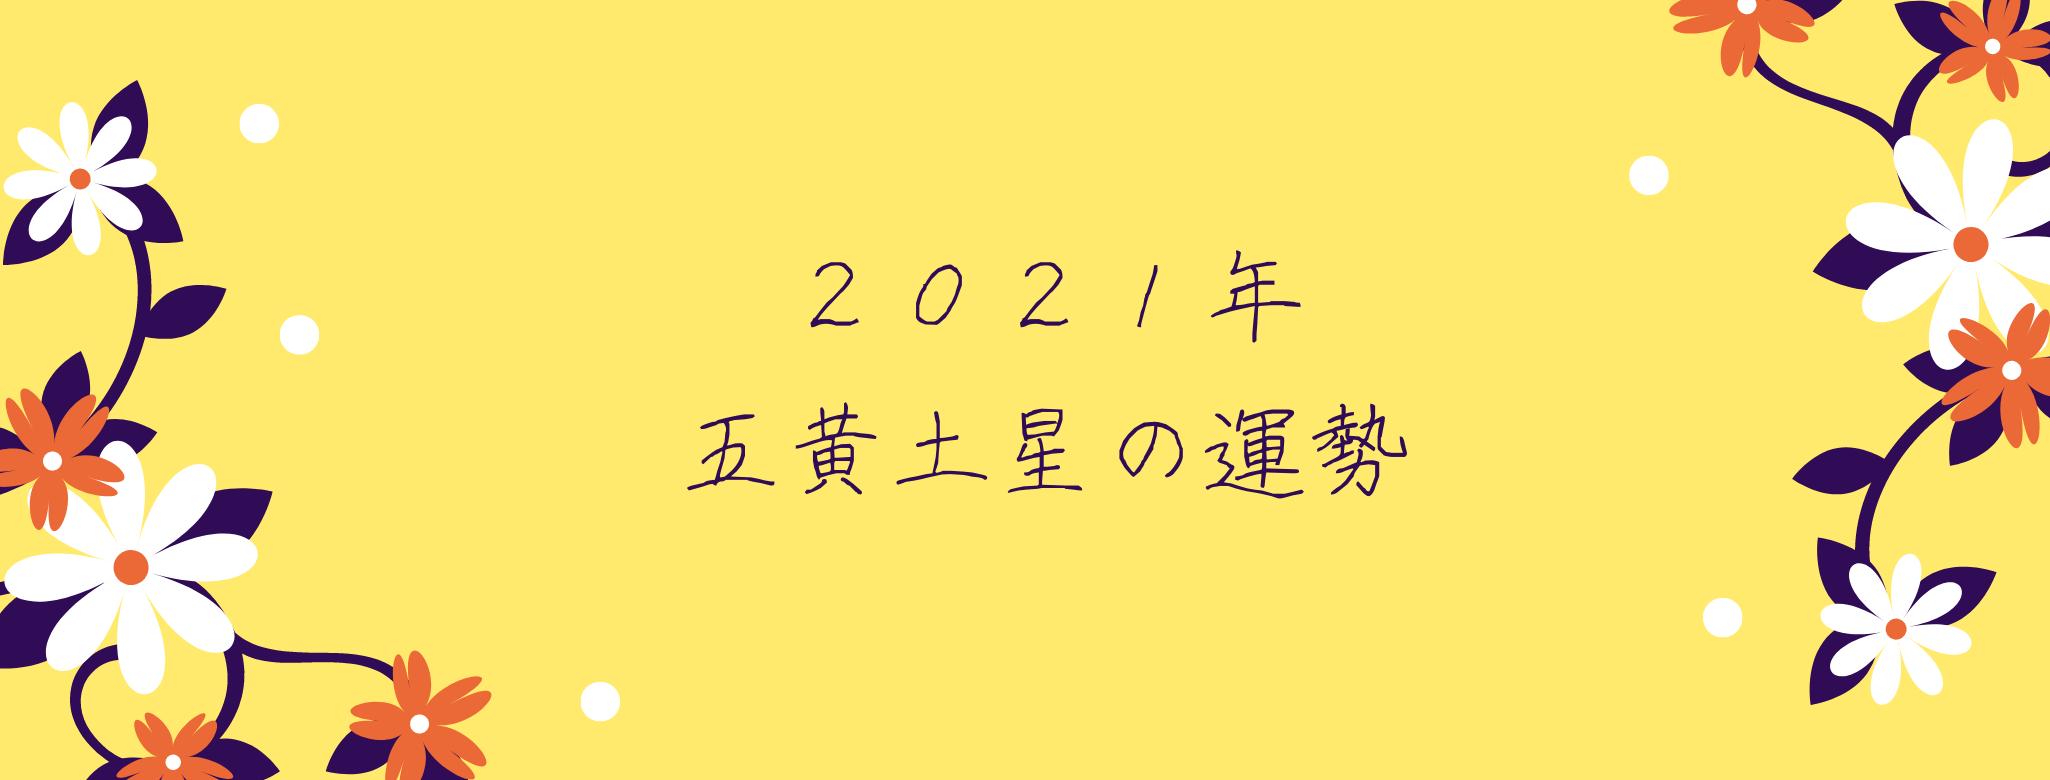 発表!2021年五黄土星の運勢や吉方位【失敗しない1年を過ごそう】